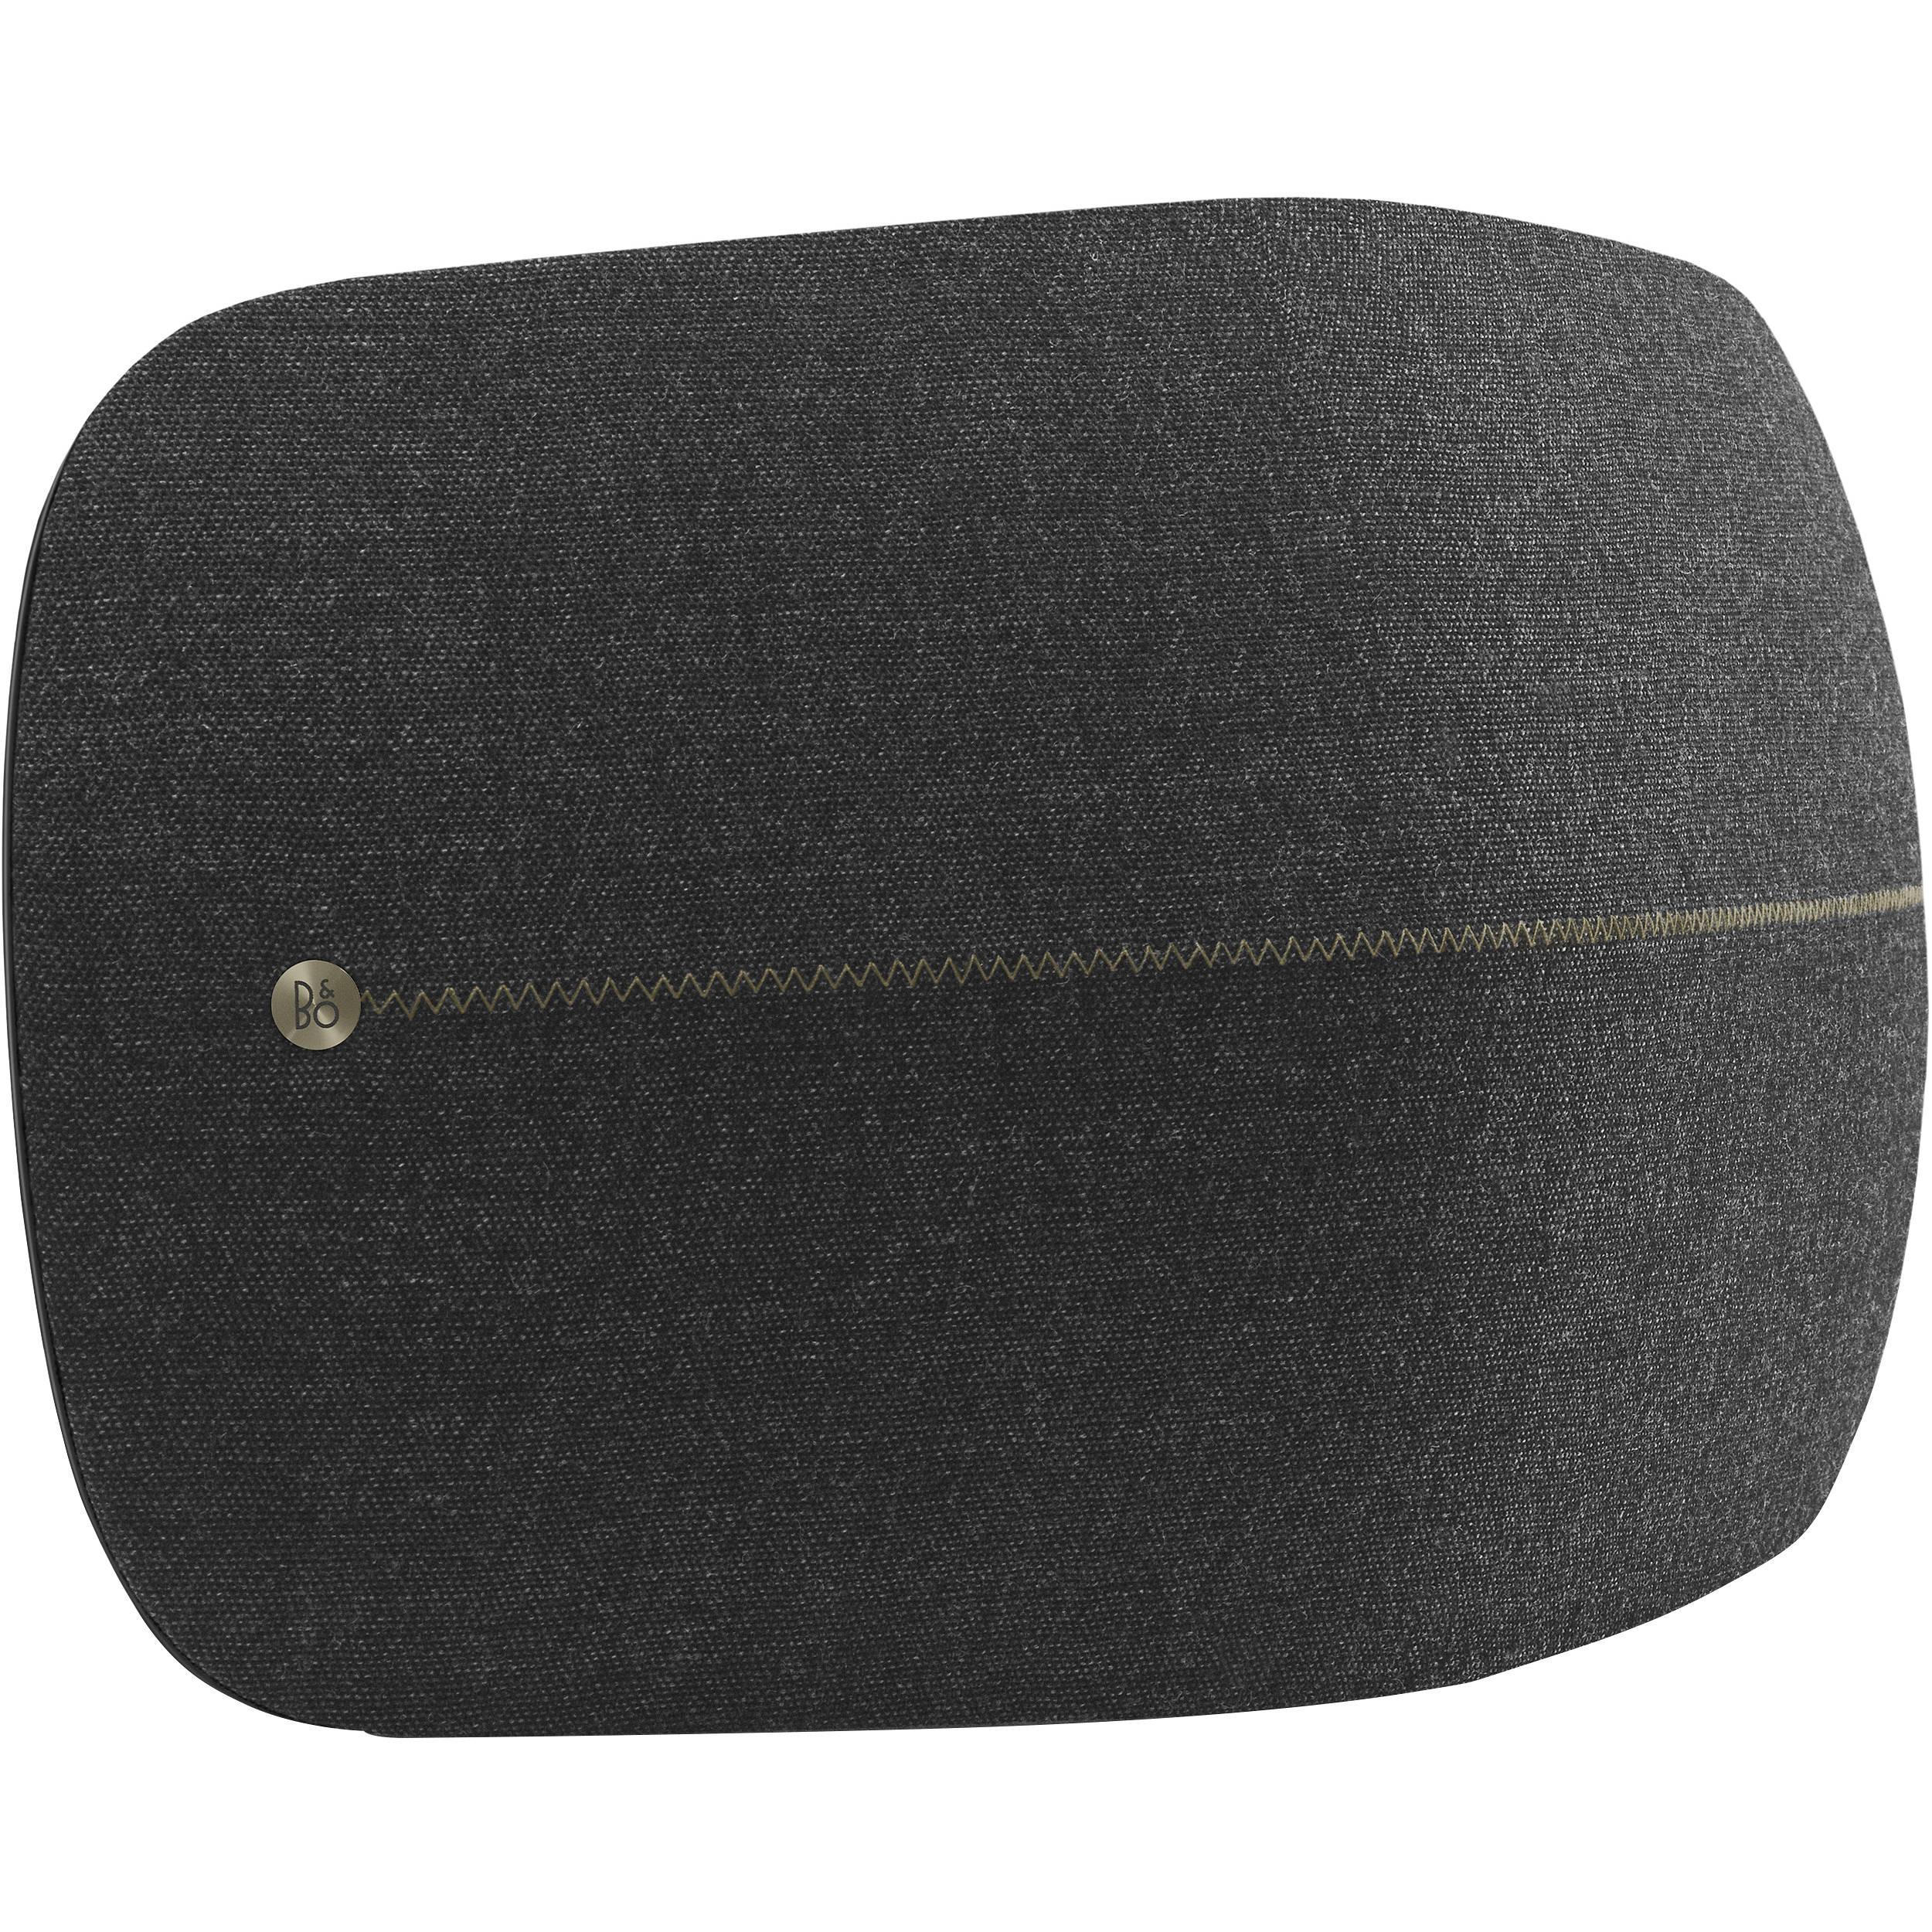 Bang & Olufsen A6 Bluetooth Speaker Brass